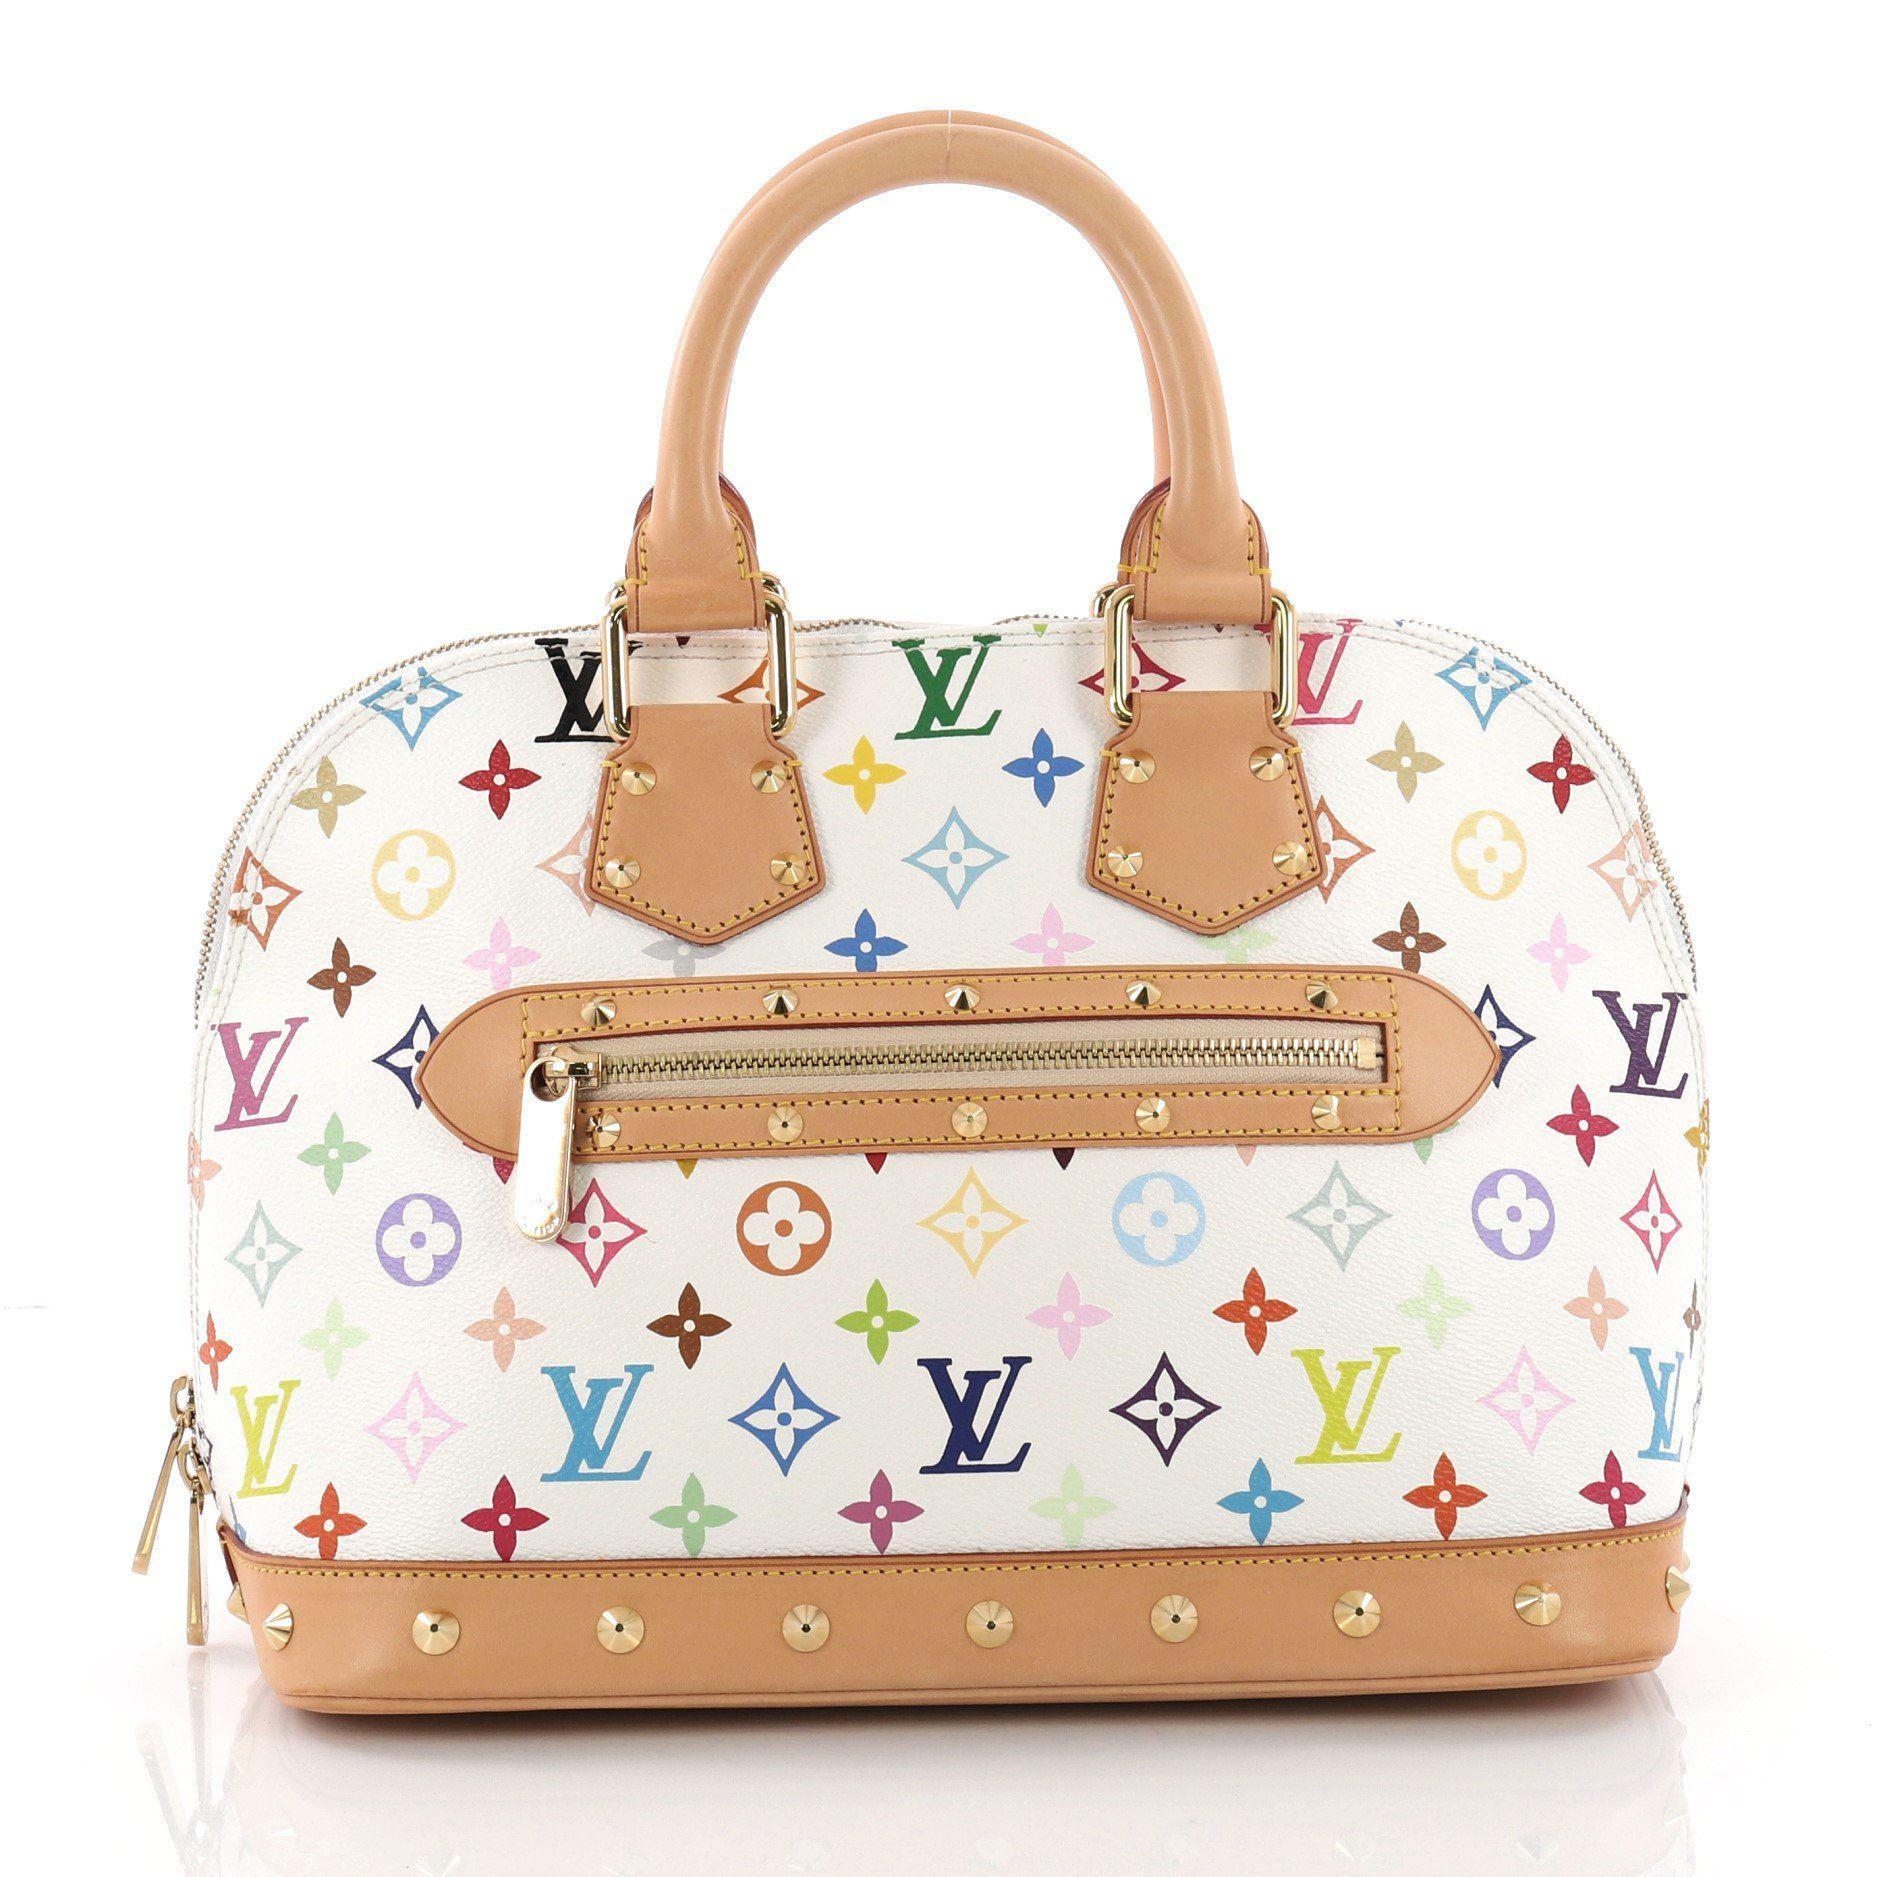 e988ae1f9b2e Louis Vuitton. Women s Pre Owned Alma Handbag Monogram Multicolor Pm